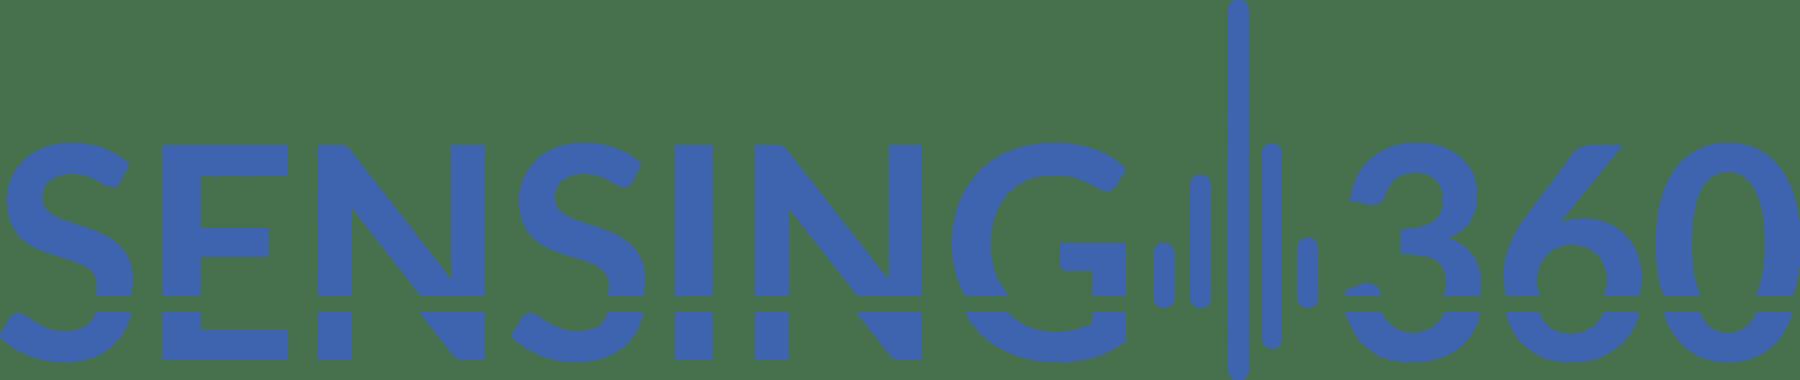 Sensing360